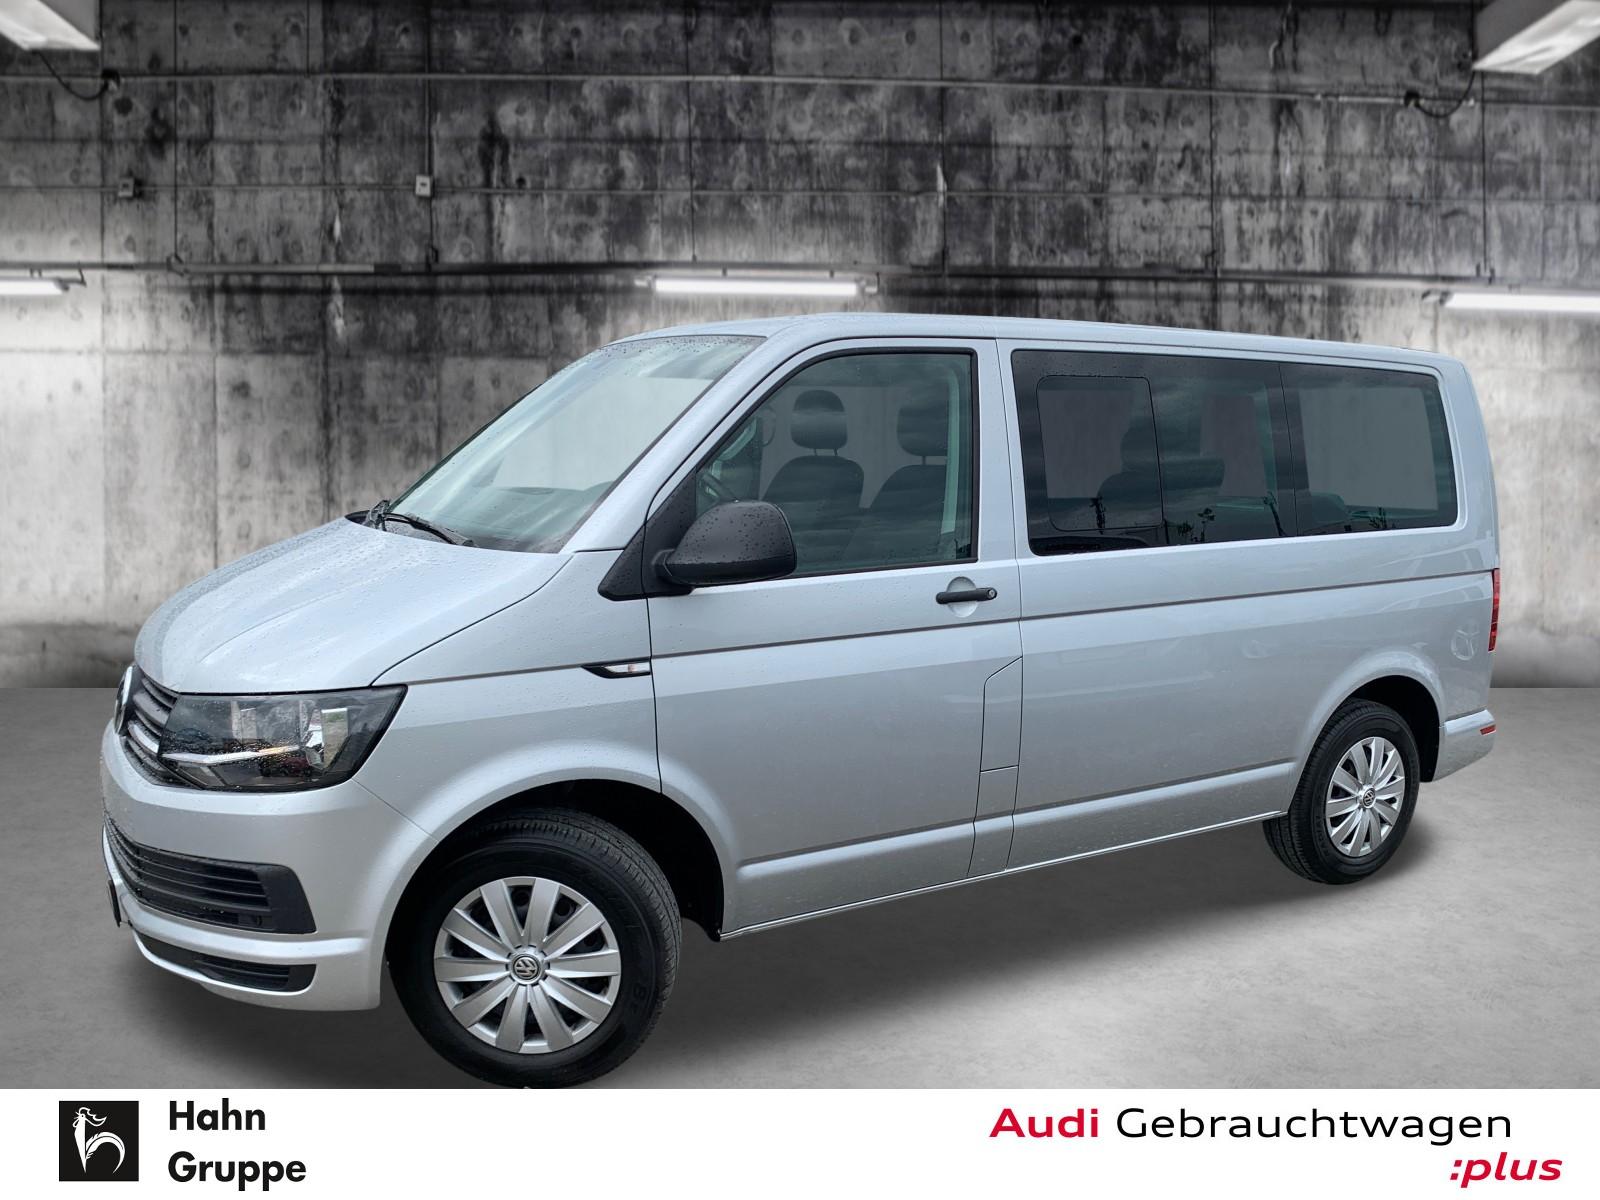 Volkswagen T6 Multivan 2.0TDI DSG Trendline EU6 Navi Sitzh Einparkh, Jahr 2018, Diesel